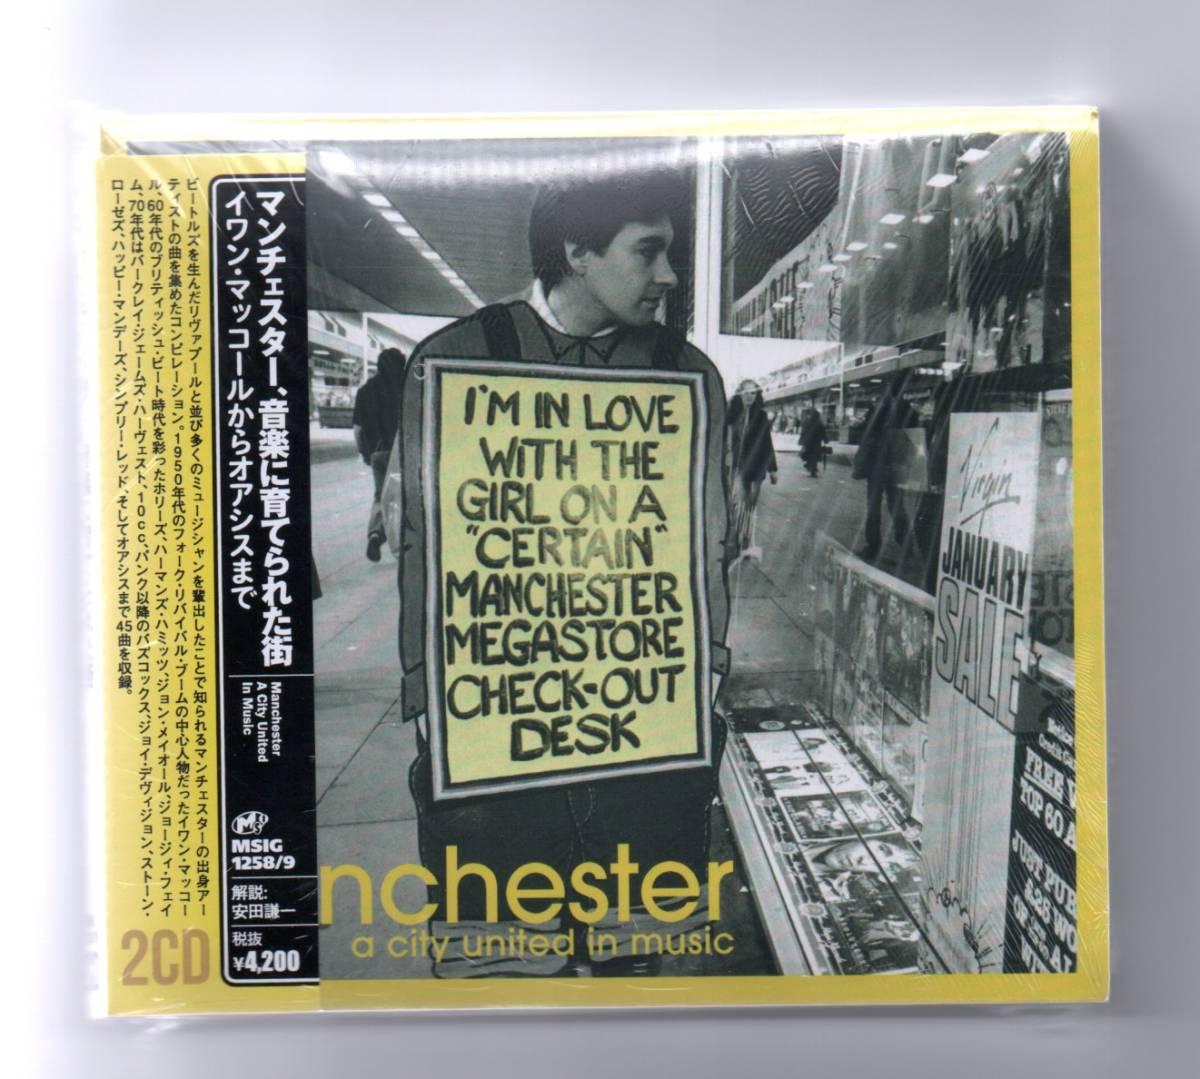 マンチェスター、音楽に育てられた街~イワン・マッコールからオアシスまで マンチェスター出身のアーティストの曲を集めたコンピ 2枚組 _画像1